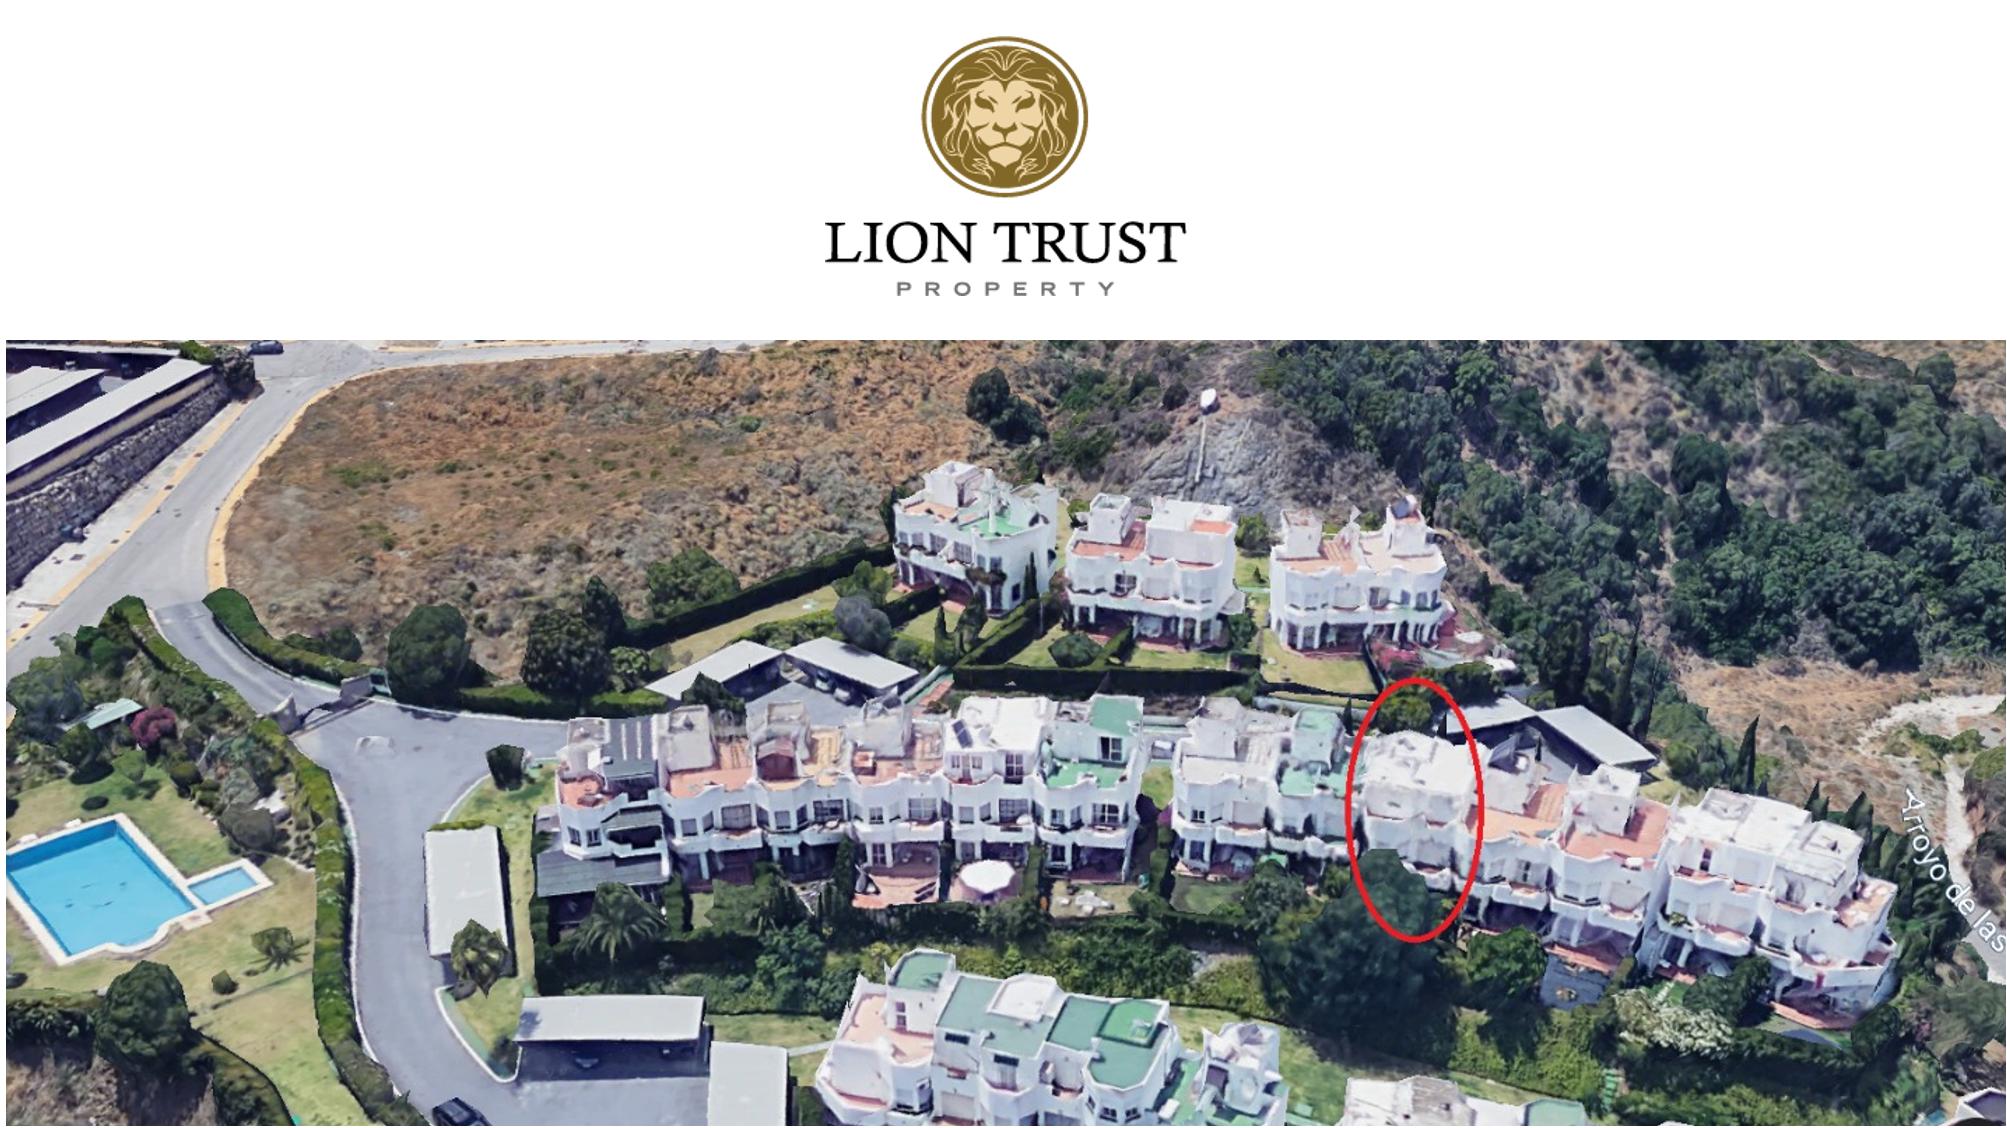 7a - Lion Trust Spain